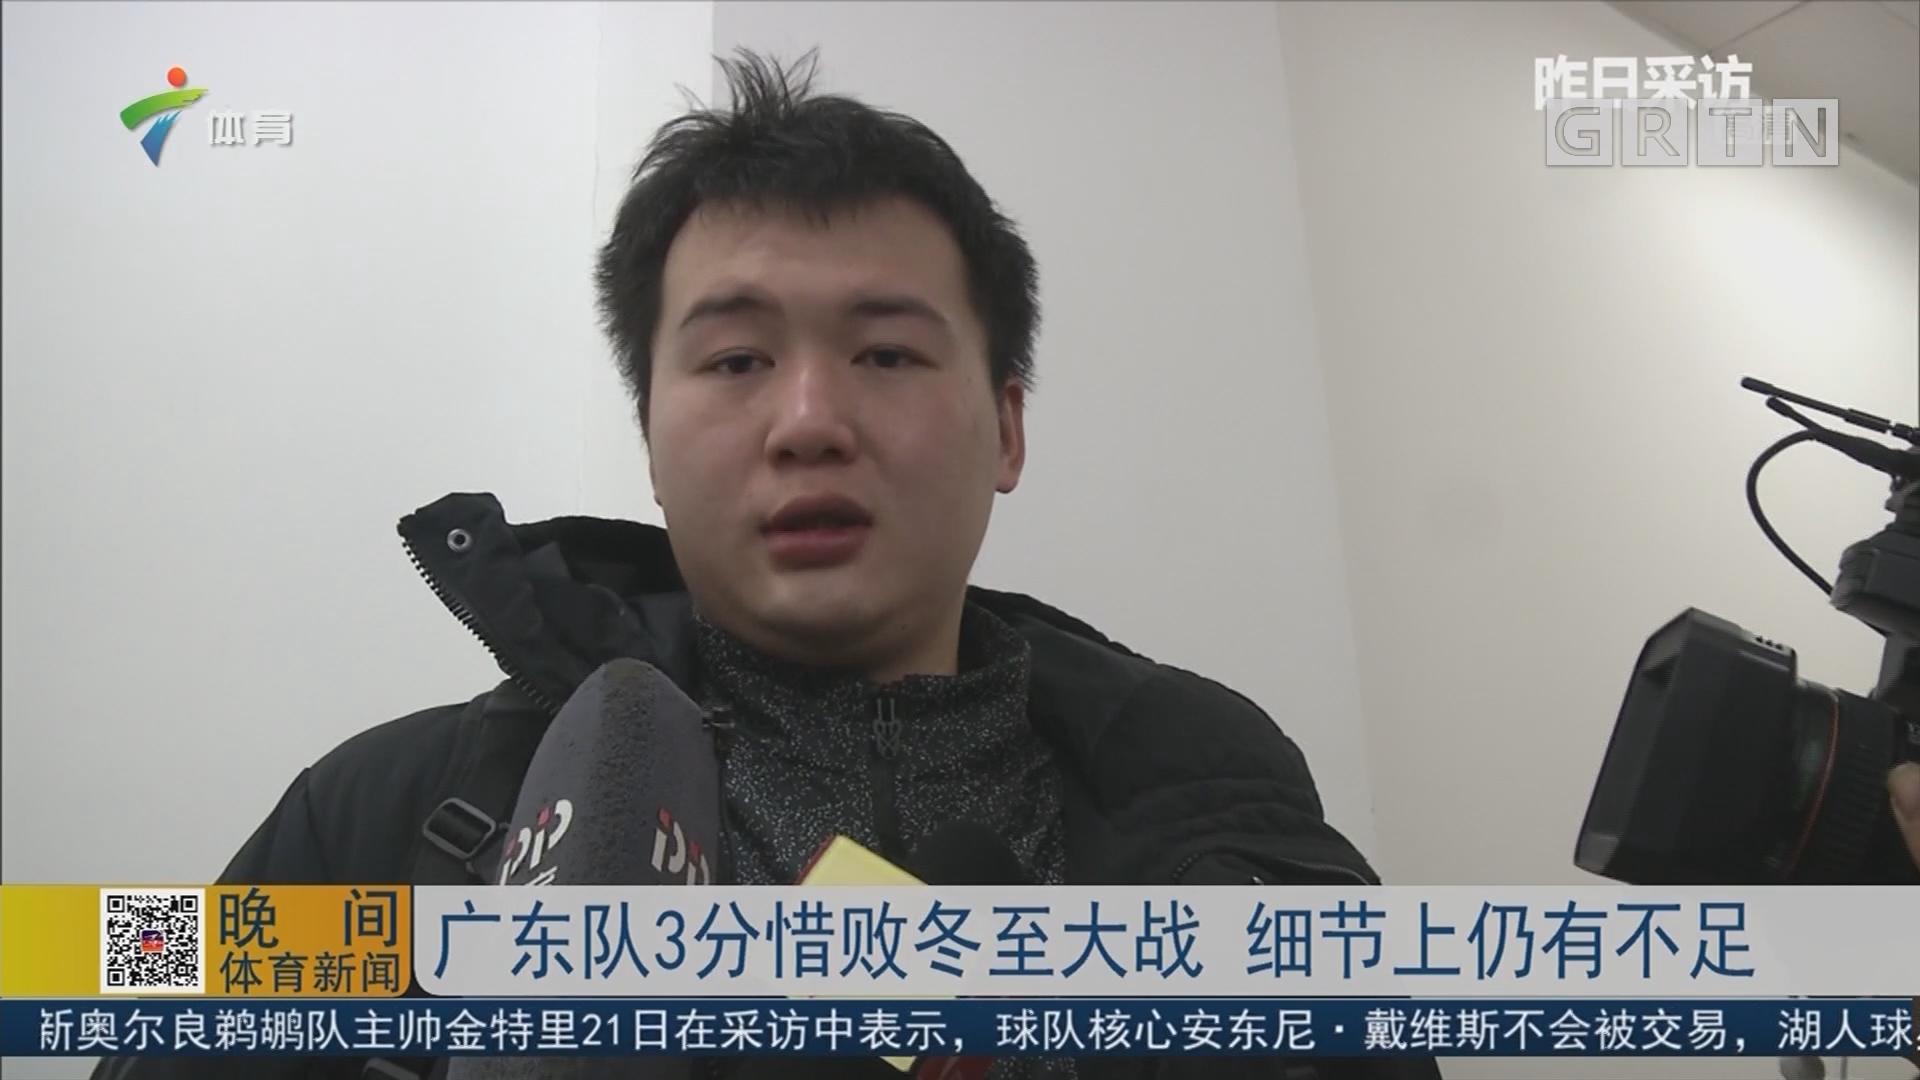 广东队3分惜败冬至大战 细节上仍有不足